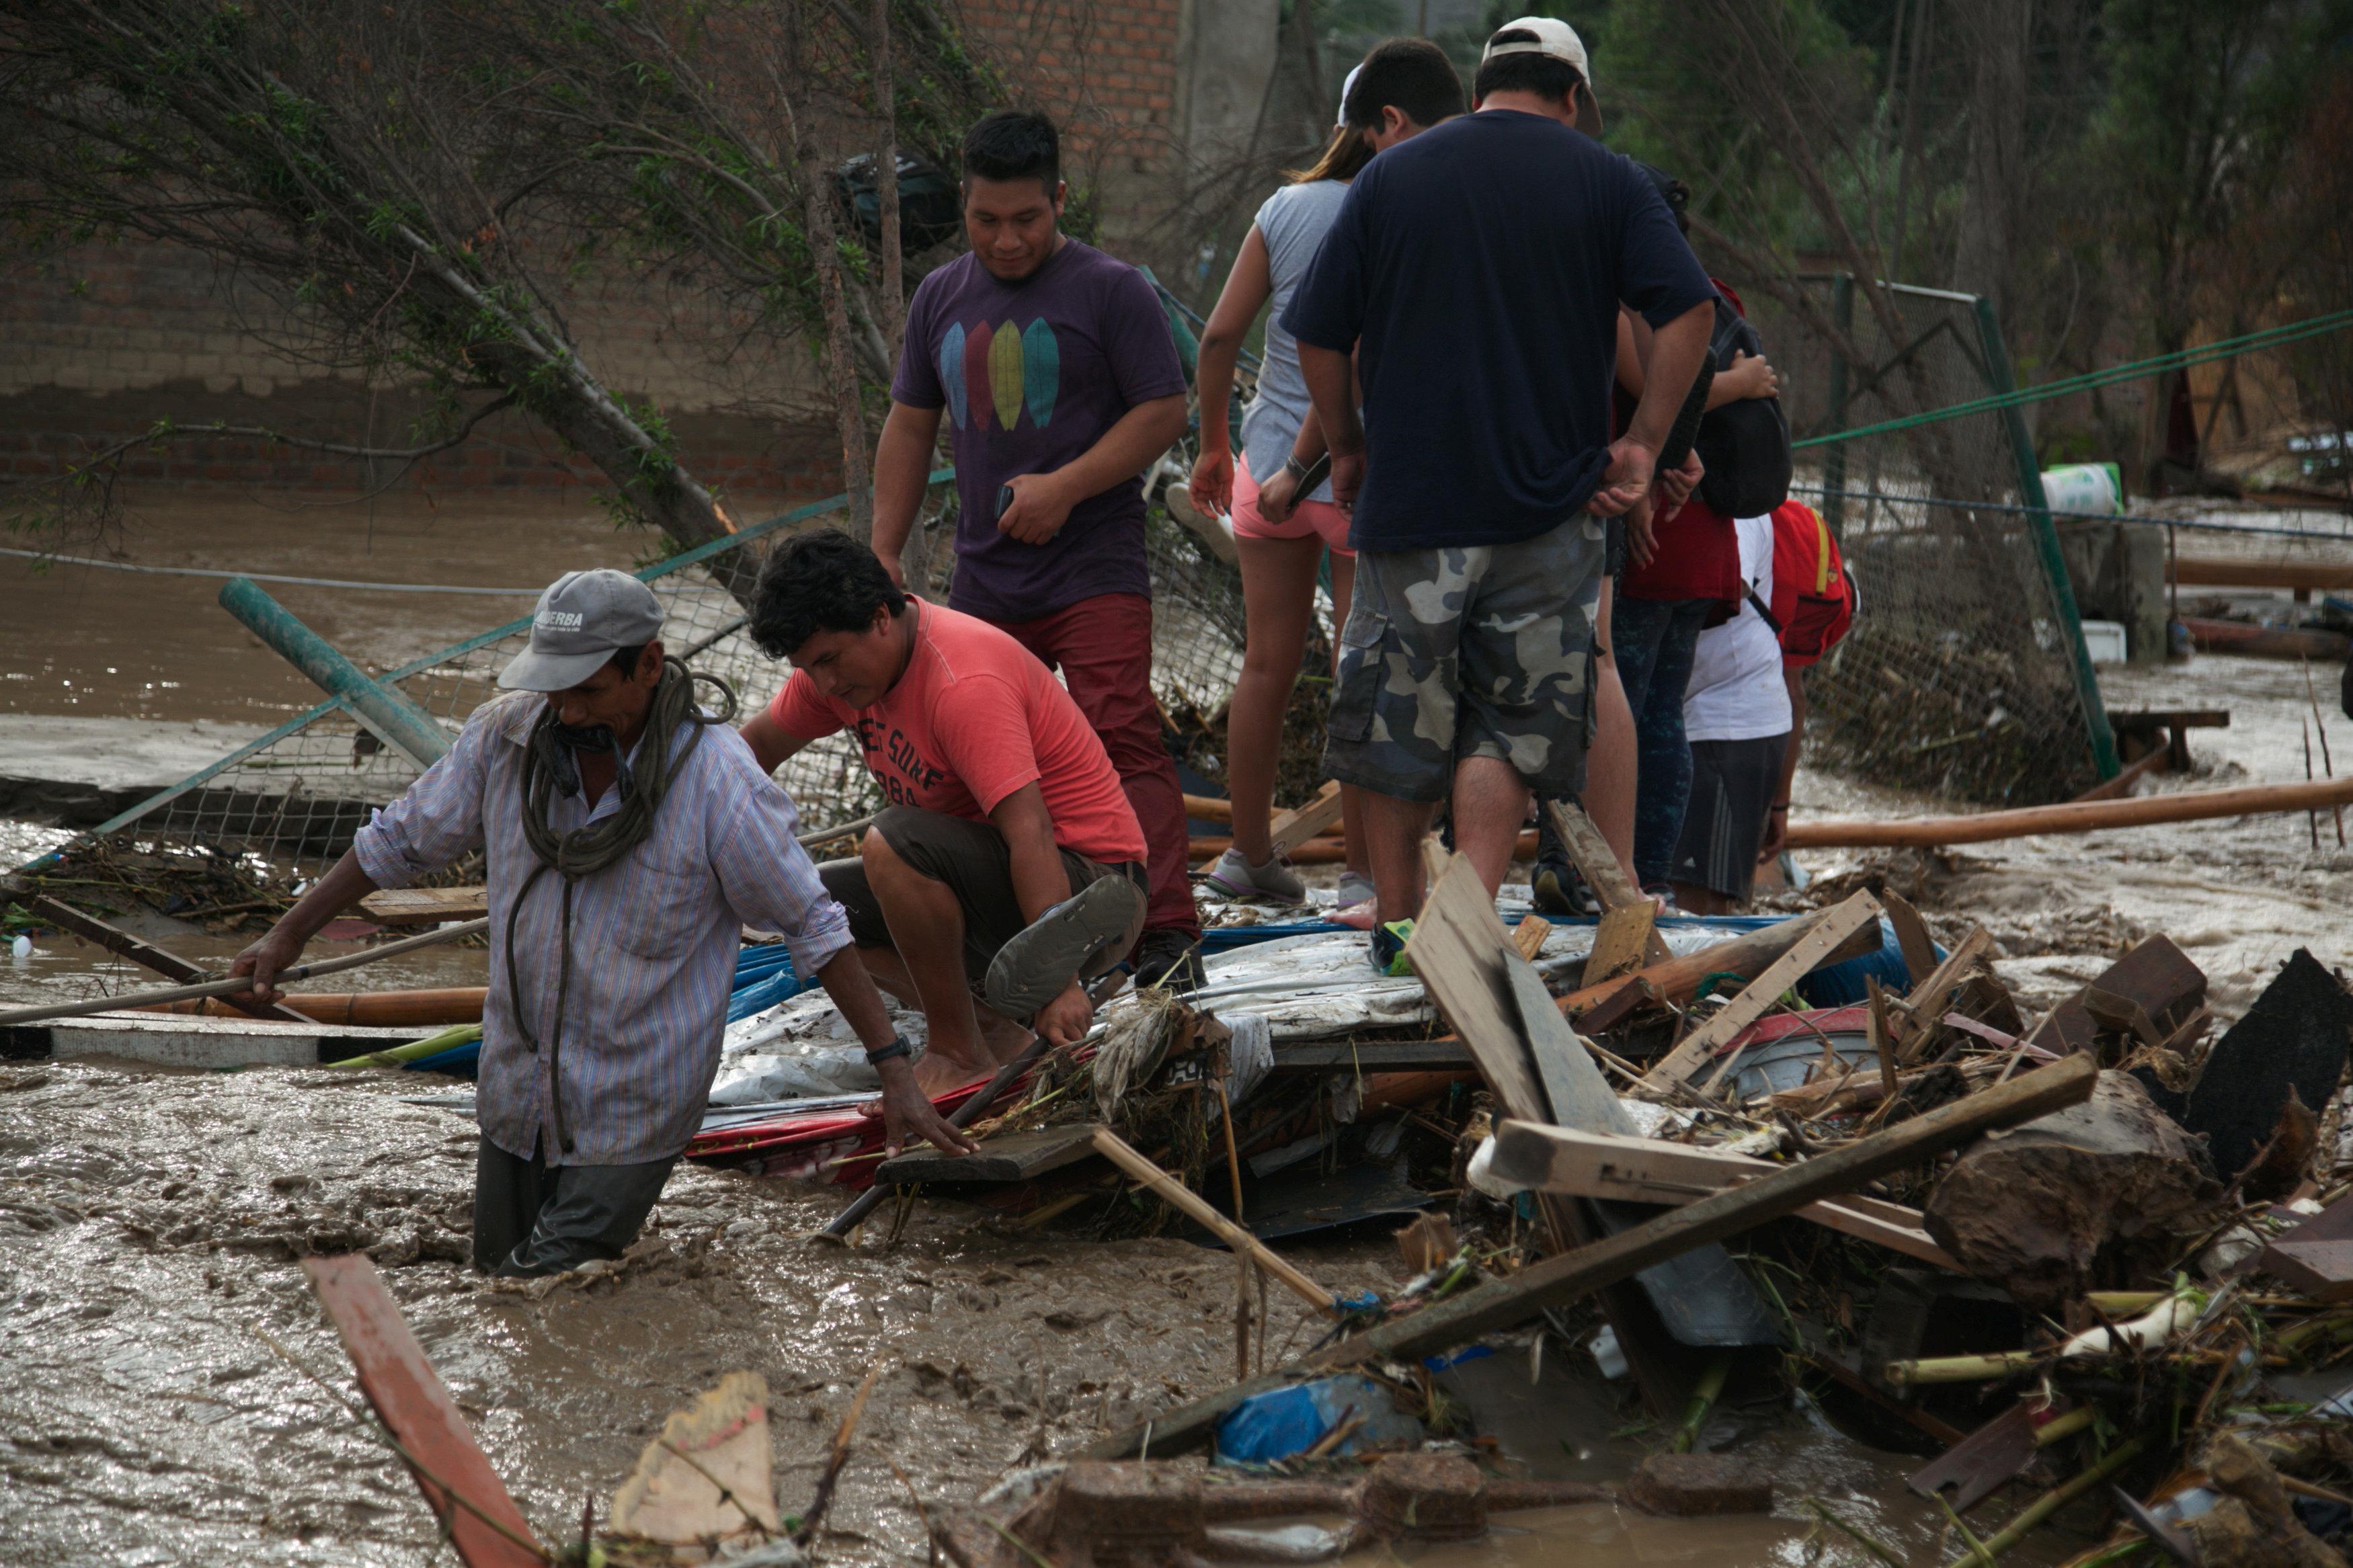 أشخاص يسعون للنجاة من مياه الامطار